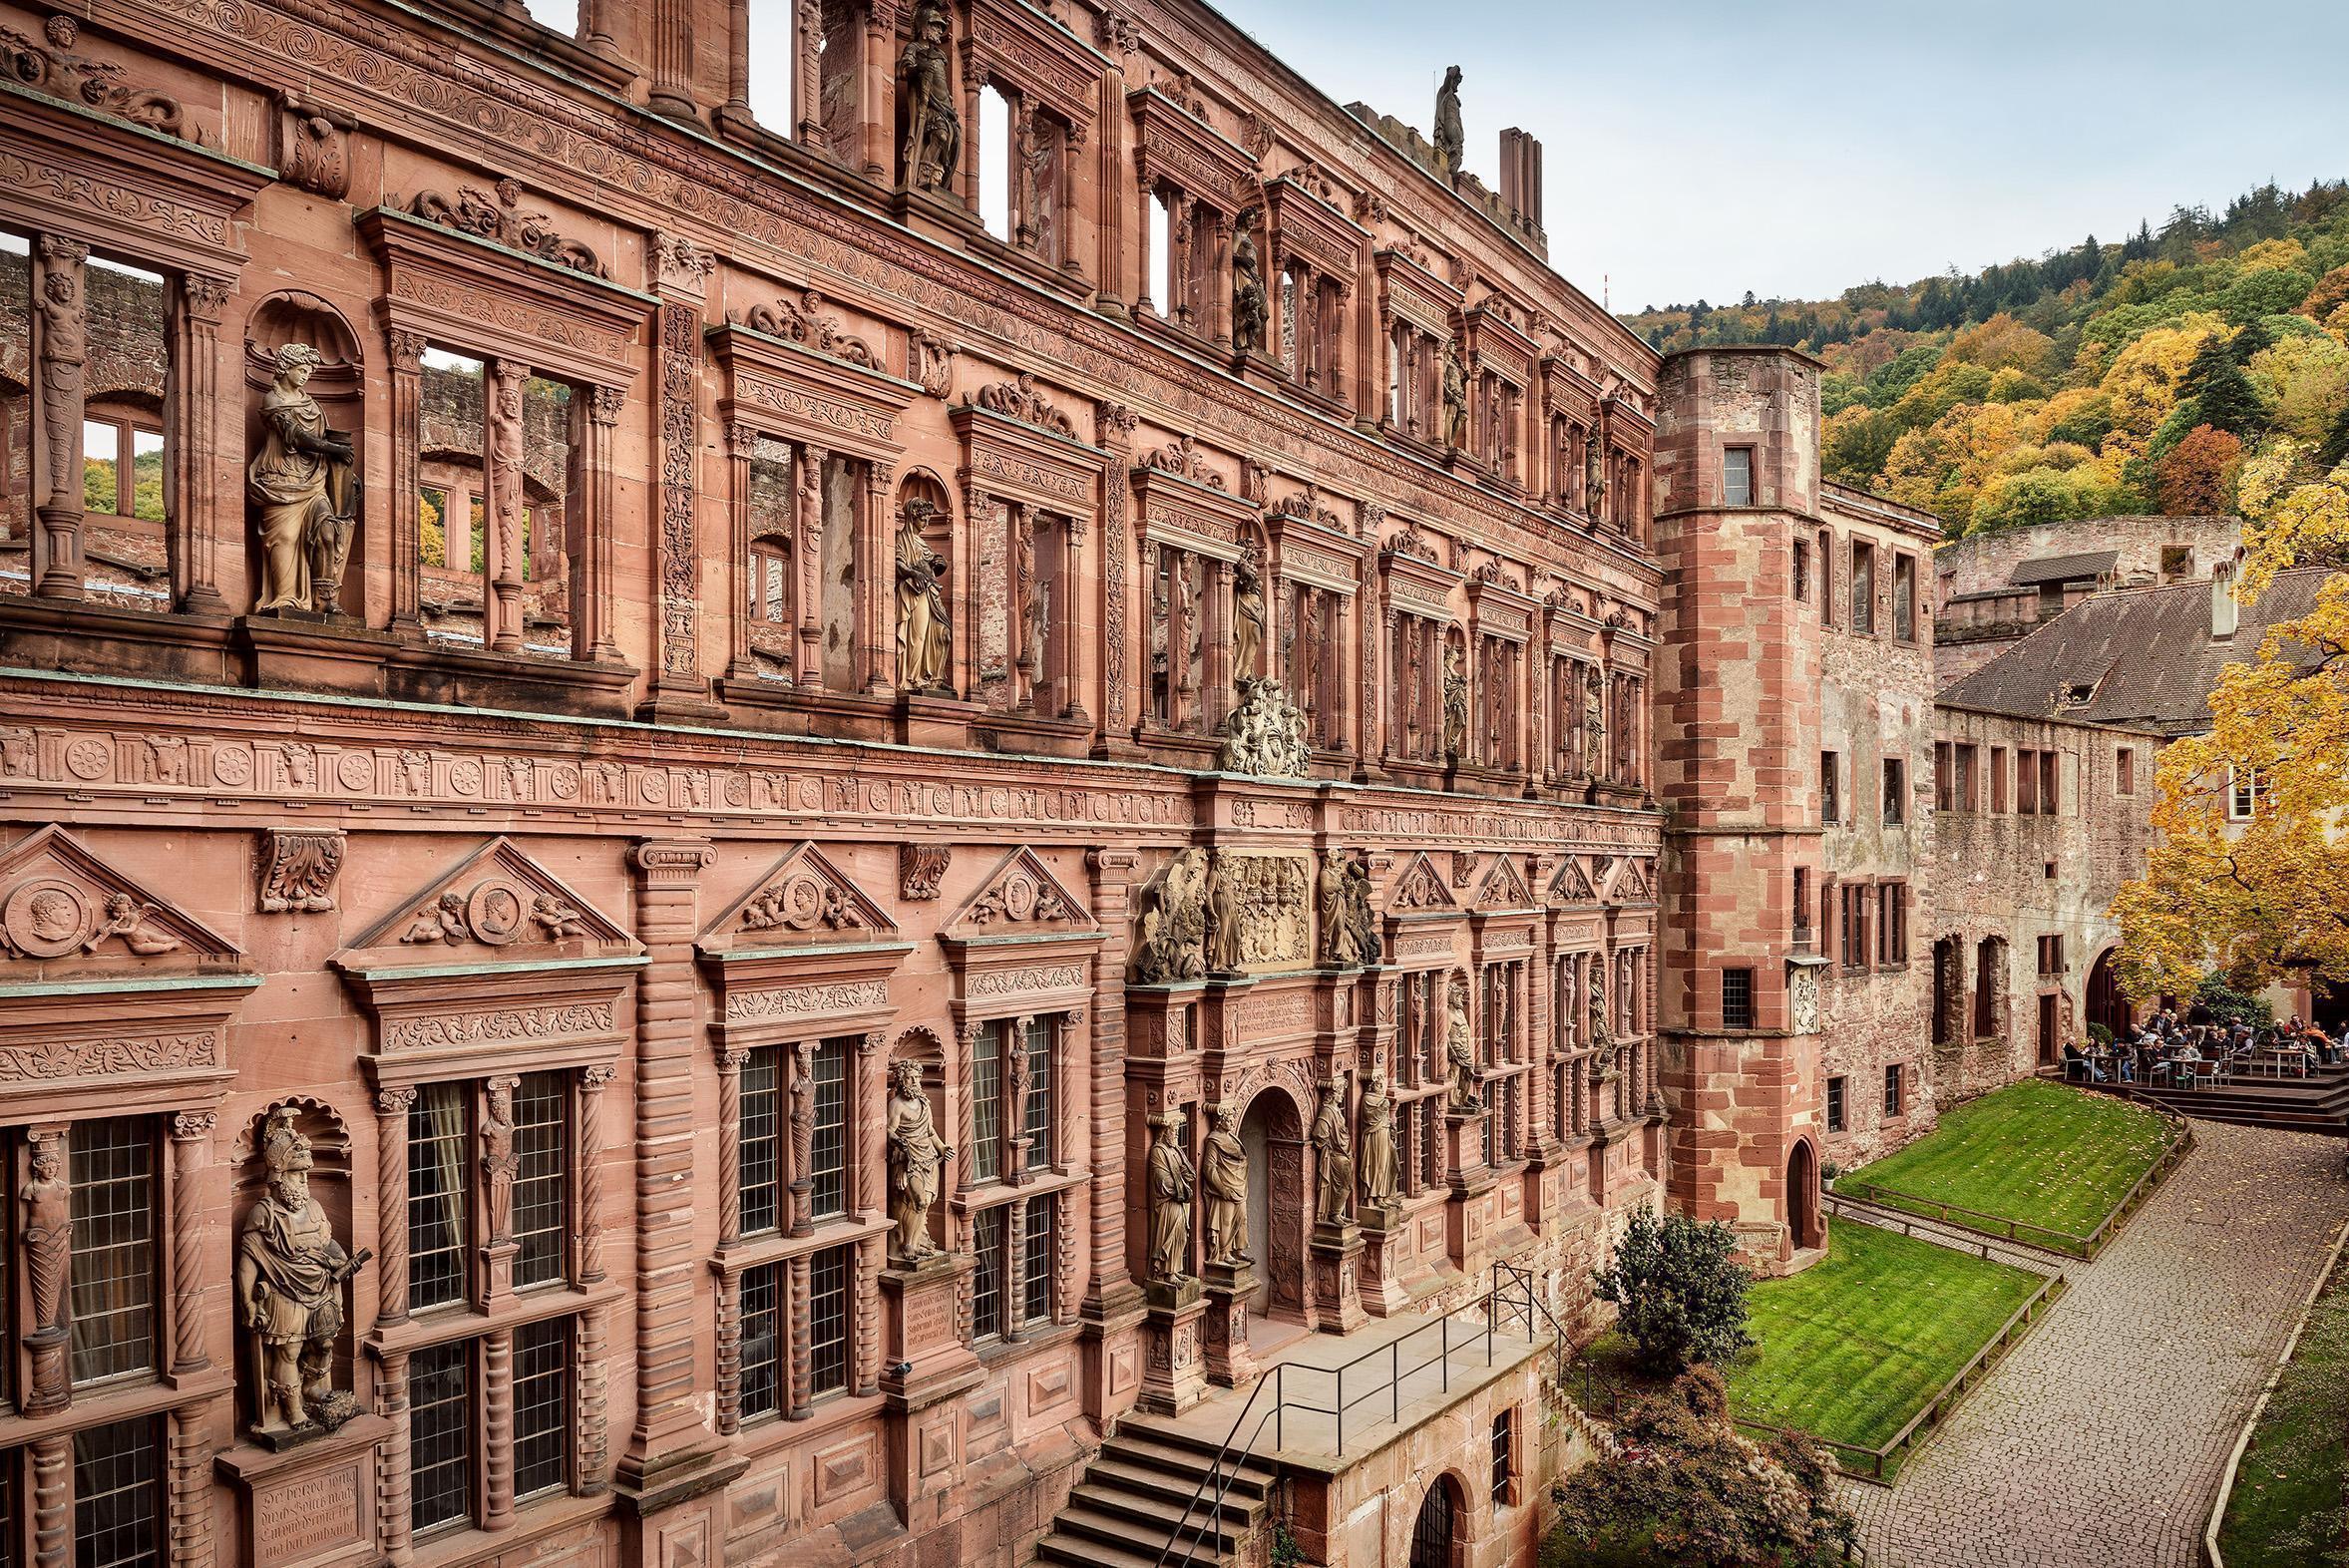 Vue de l'aile Ottheinrich du château de Heidelberg